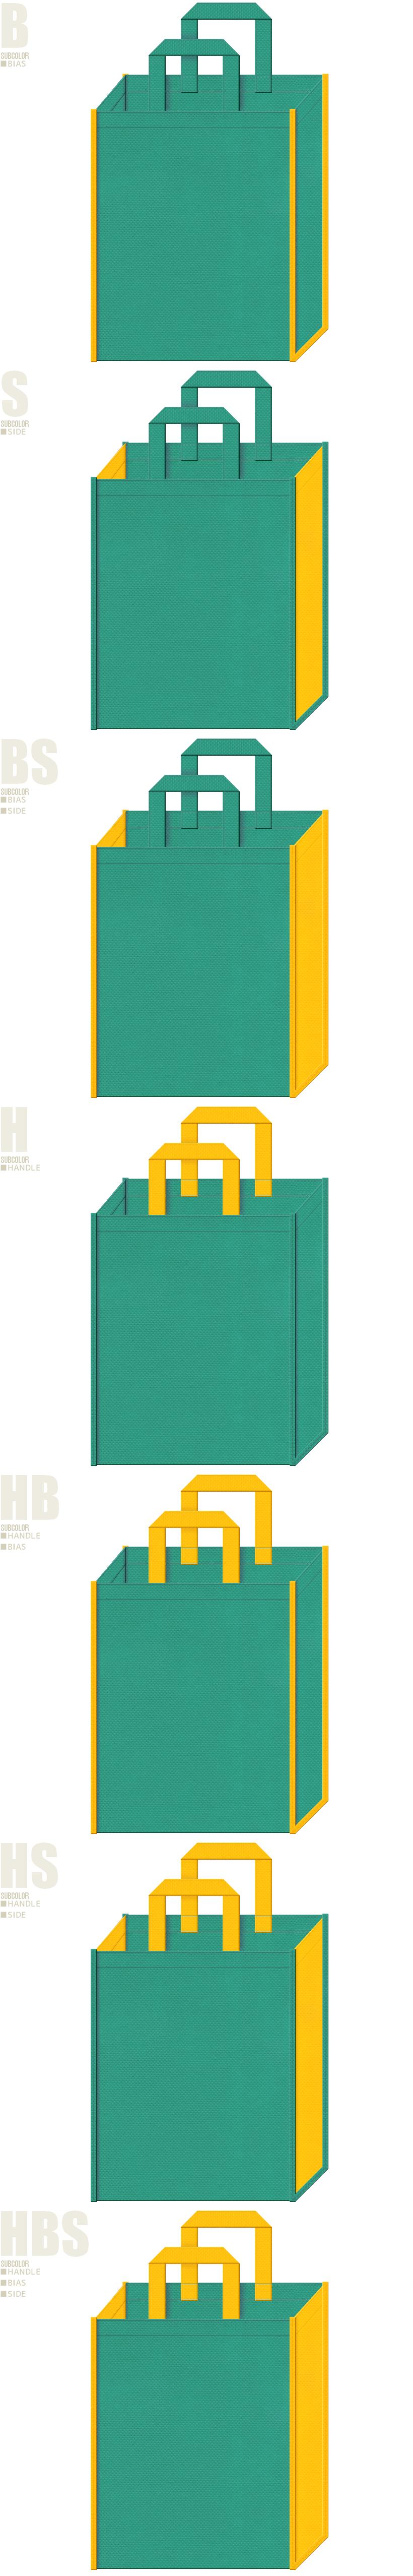 信号機・交通安全・通園バッグ・絵本・おとぎ話・おもちゃ・ゲーム・テーマパーク・キッズイベントにお奨めの不織布バッグデザイン:青緑色と黄色の配色7パターン